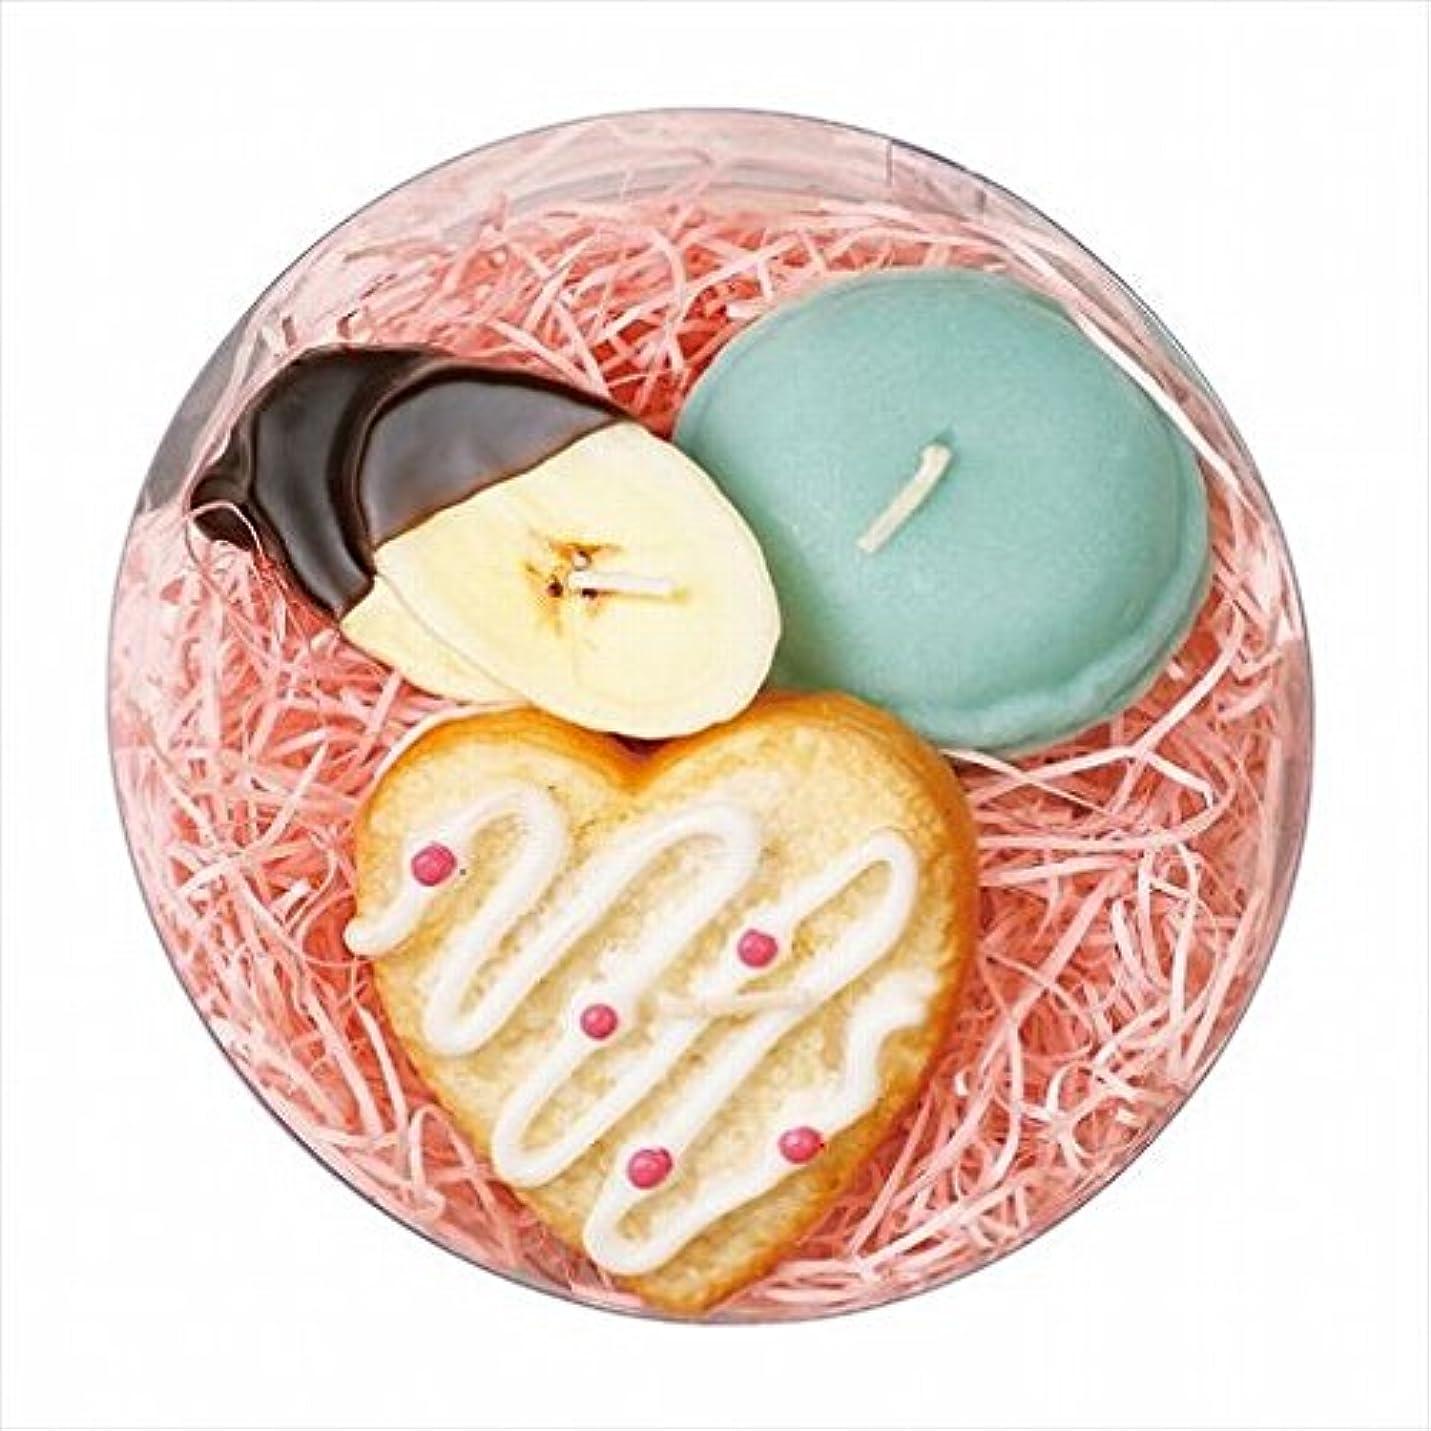 はげプロフェッショナルおびえたスイーツキャンドル( sweets candle ) プチスイーツキャンドルセット 「 シュガーハート 」 キャンドル